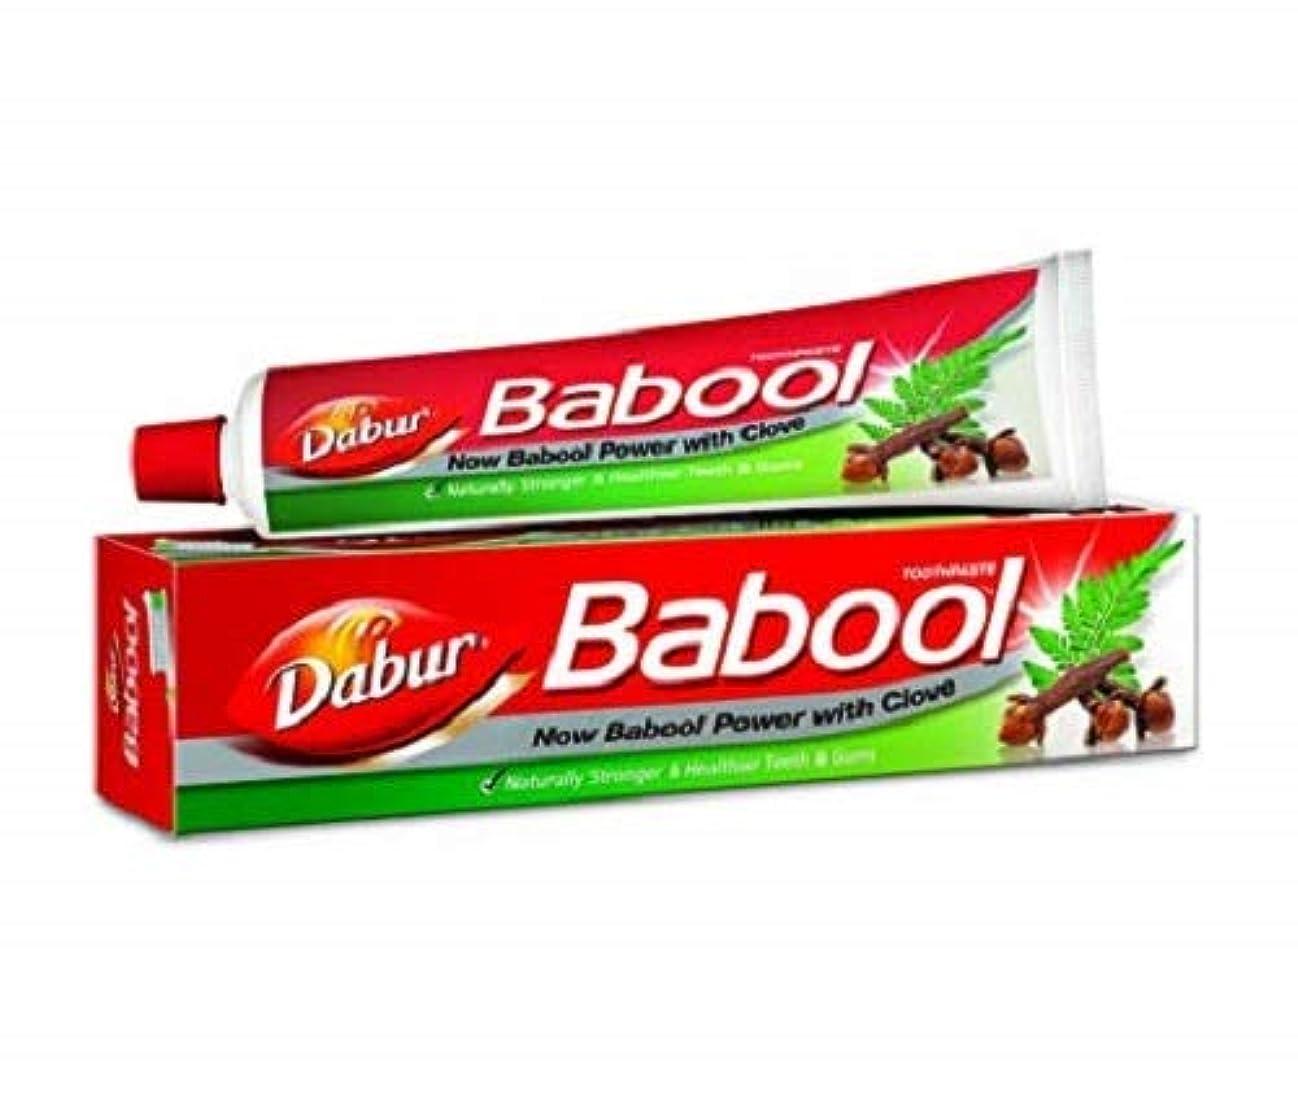 オークランドキロメートルオデュッセウスBabool Toothpaste 190g toothpaste by Dabur